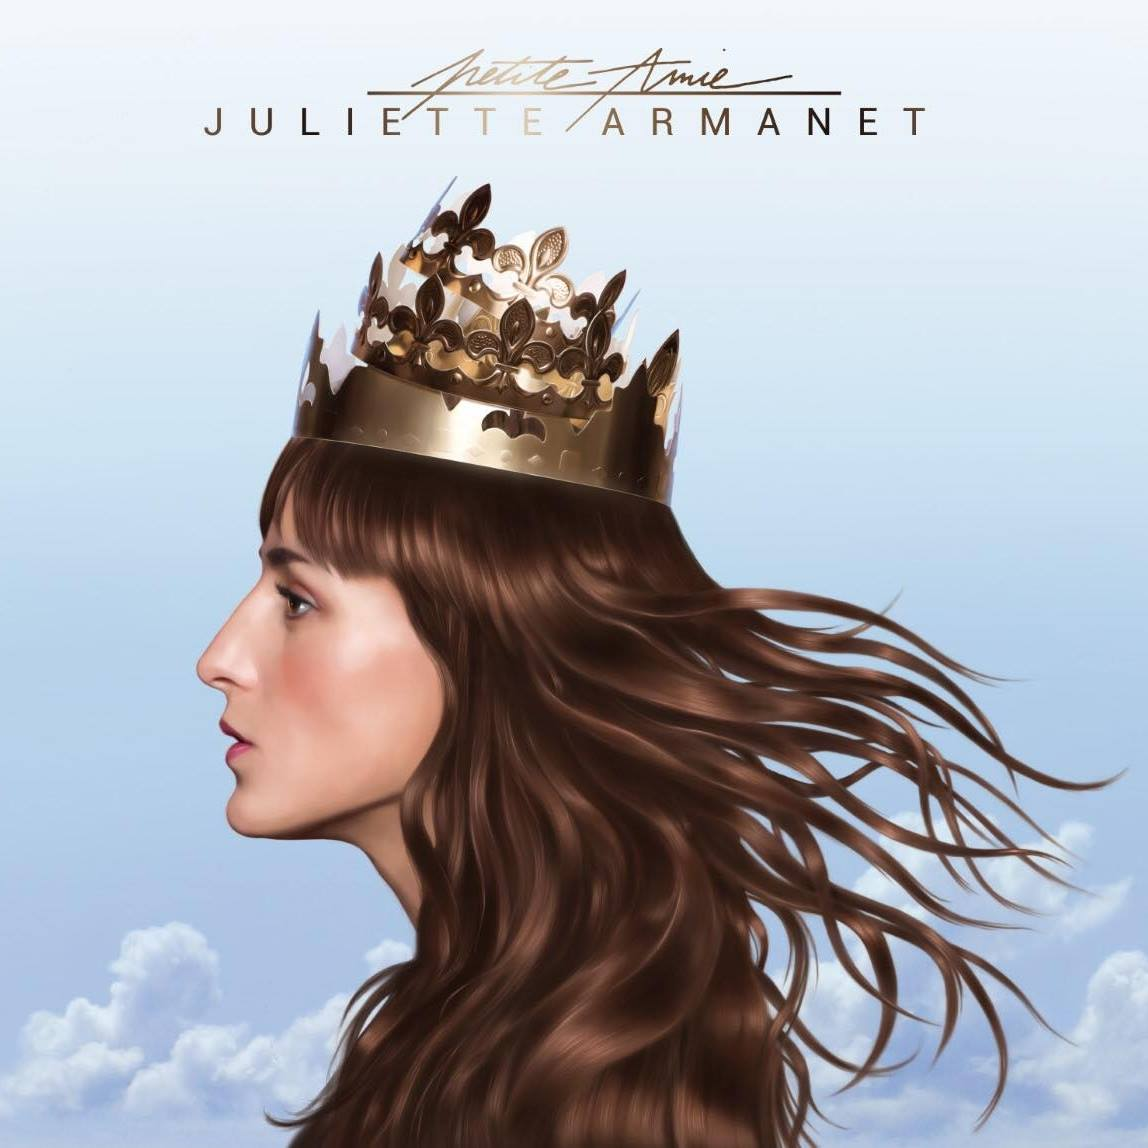 Juliette-Armanet-petite amie